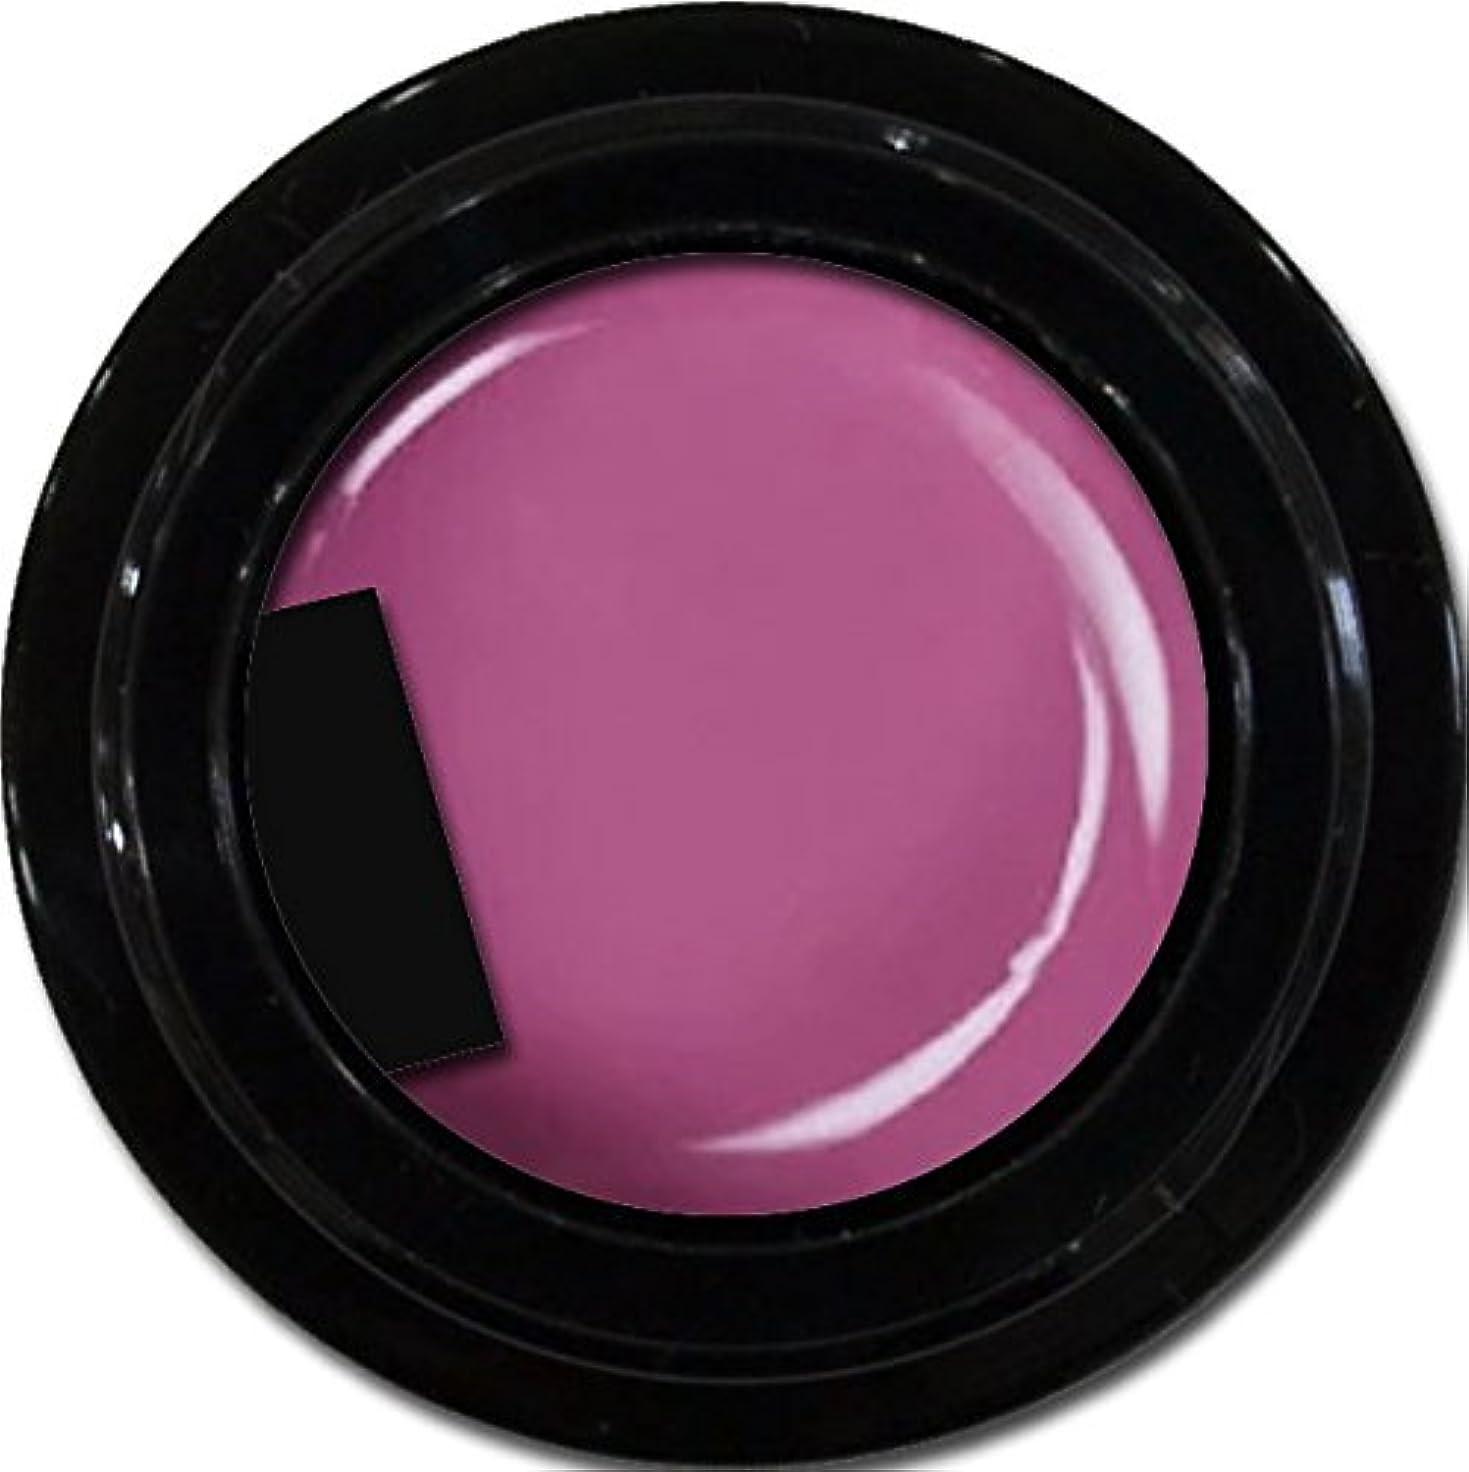 カラージェル enchant color gel M513 RubyViolet3g/ マットカラージェル M513ルビーヴァイオレット 3グラム